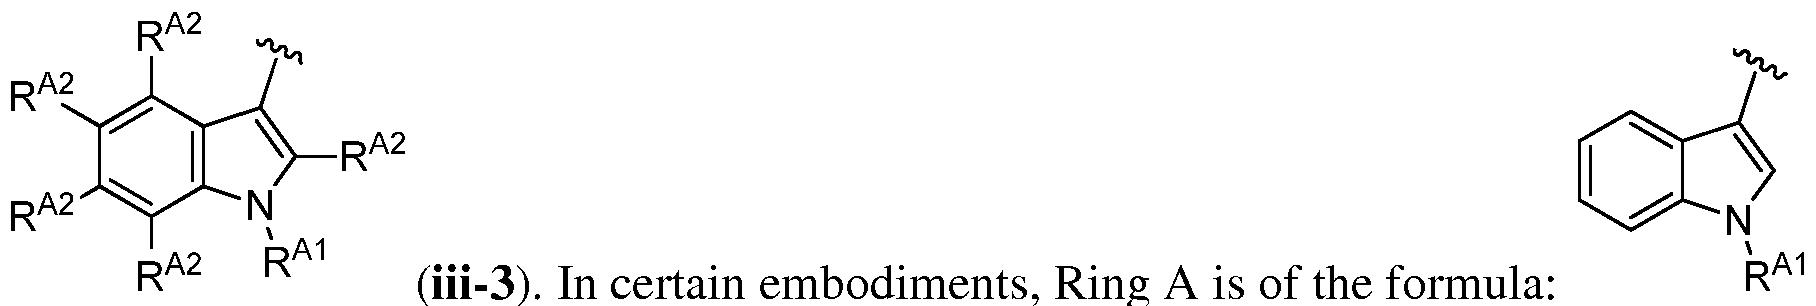 Figure imgf000048_0007